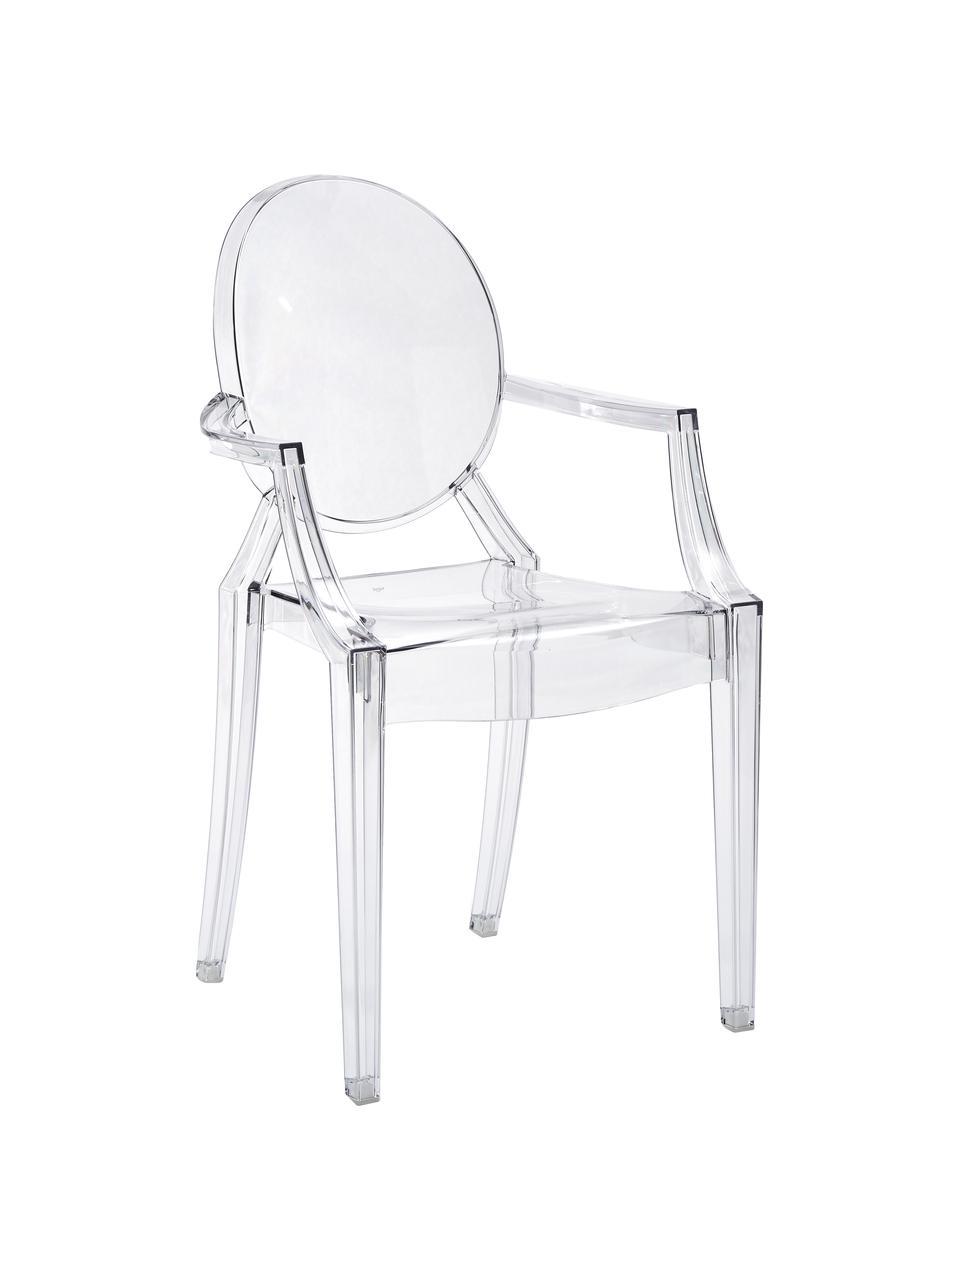 Chaise transparente en plastique Louis Ghost, Transparent